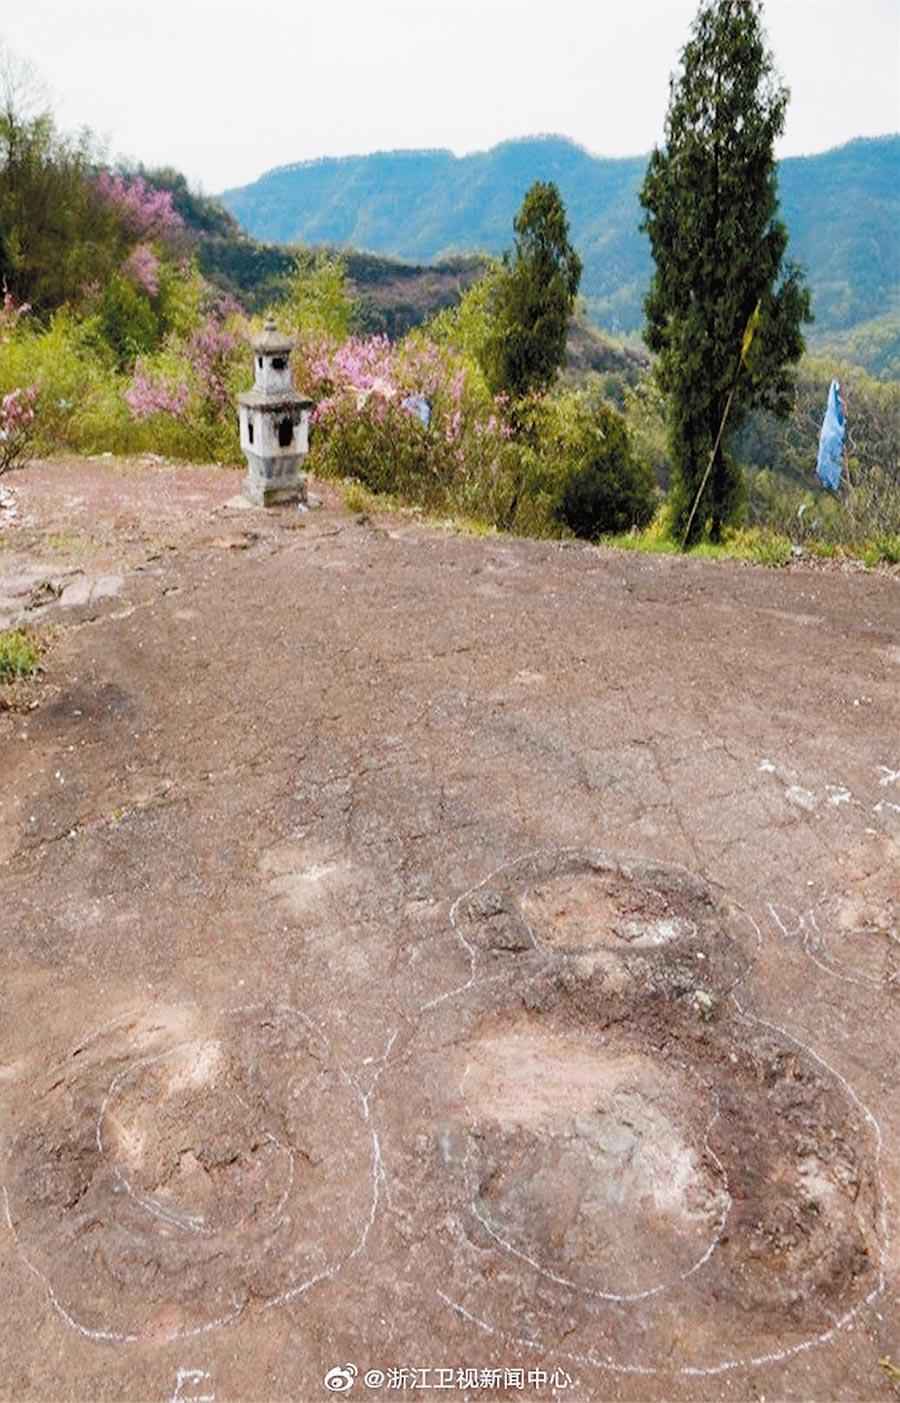 八仙崗恐龍足跡,可以看到明顯區別的兩部分。(取自新浪微博@浙江衛視新聞中心)